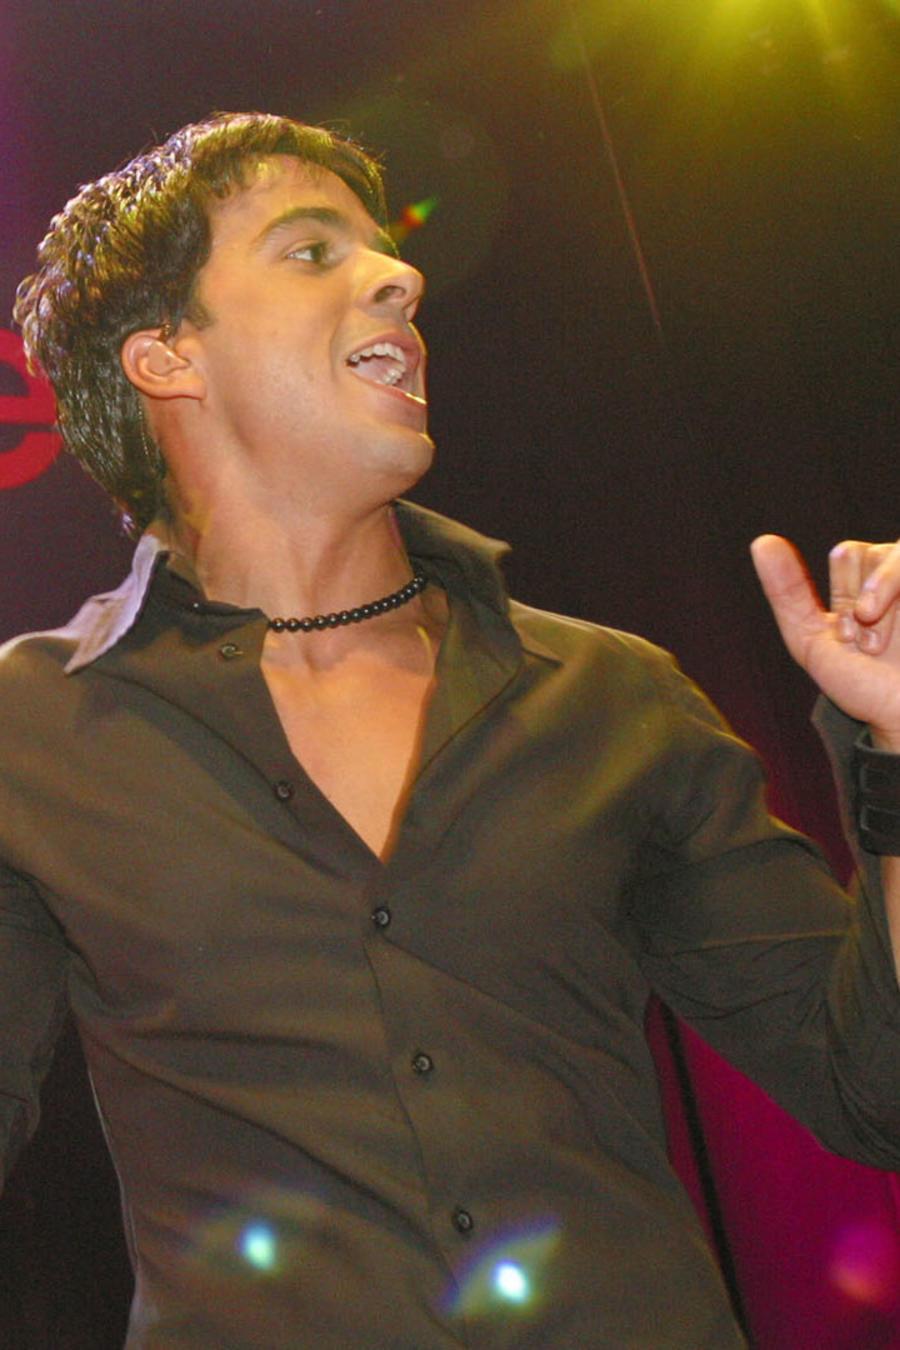 Ocean Drive en Espanol Party con Luis Fonsi 2002